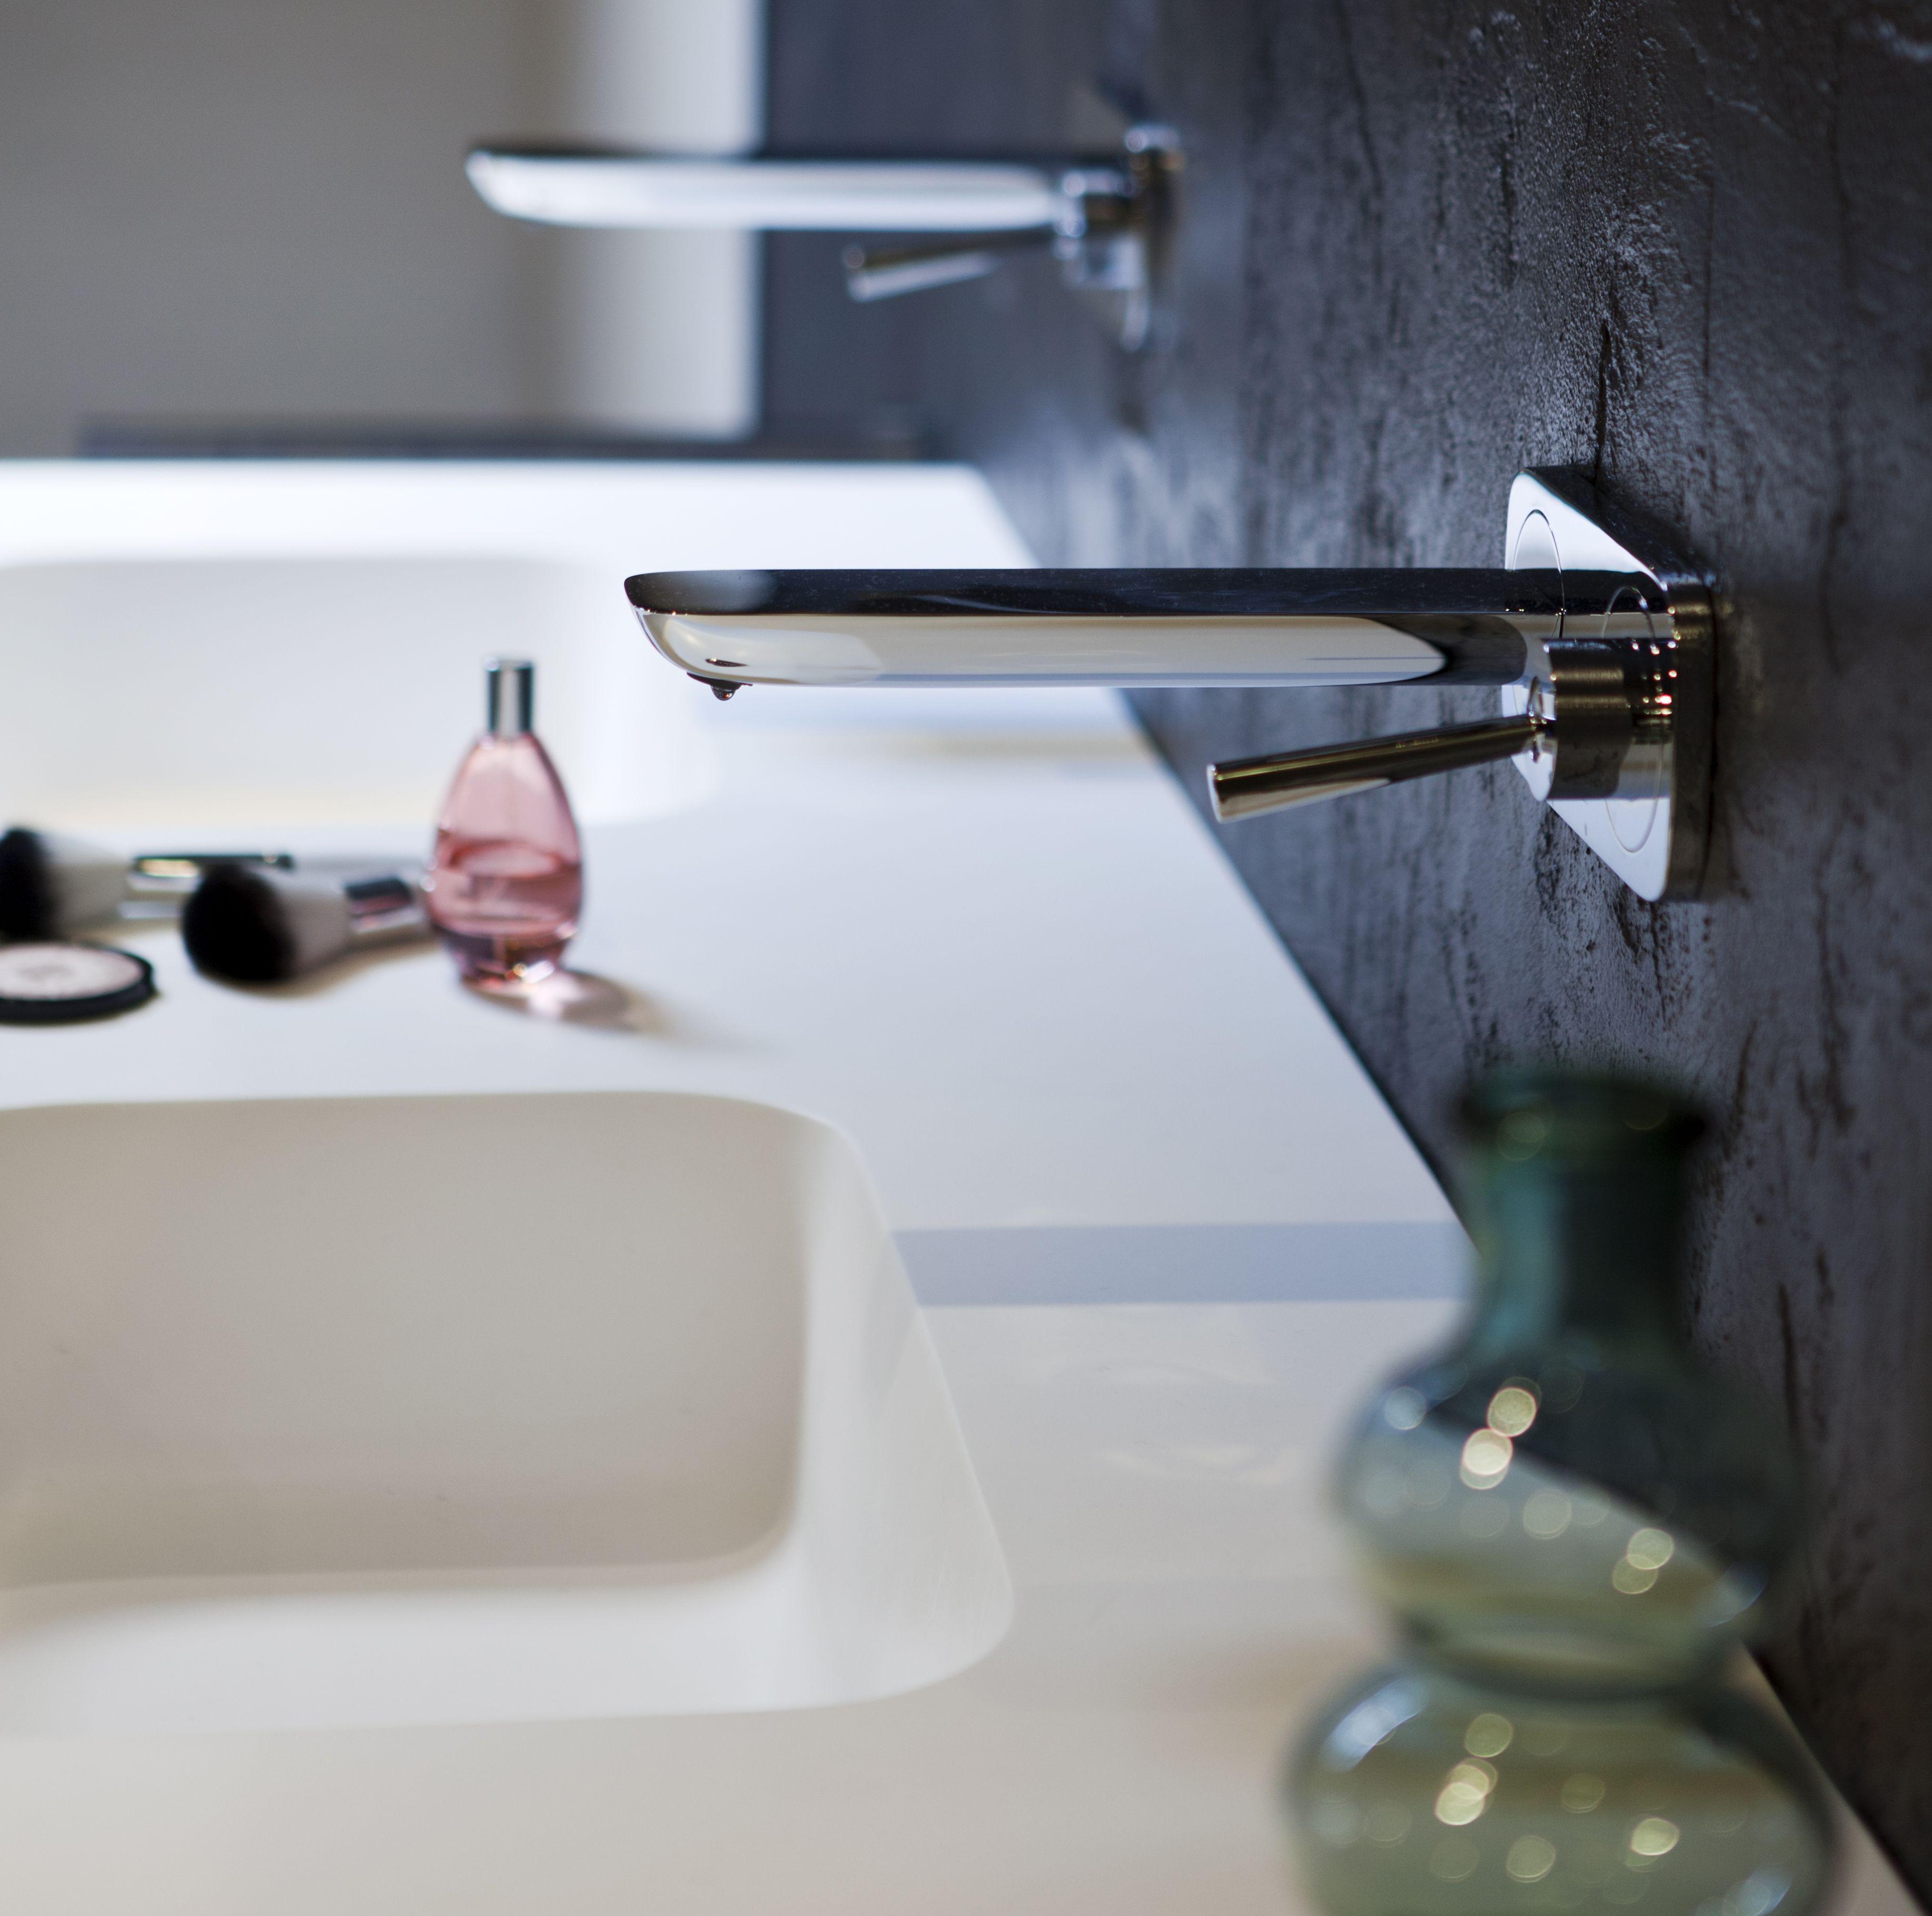 Stijlvolle wastafelkraan in uw natuurlijke badkamer | Natuurlijke ...